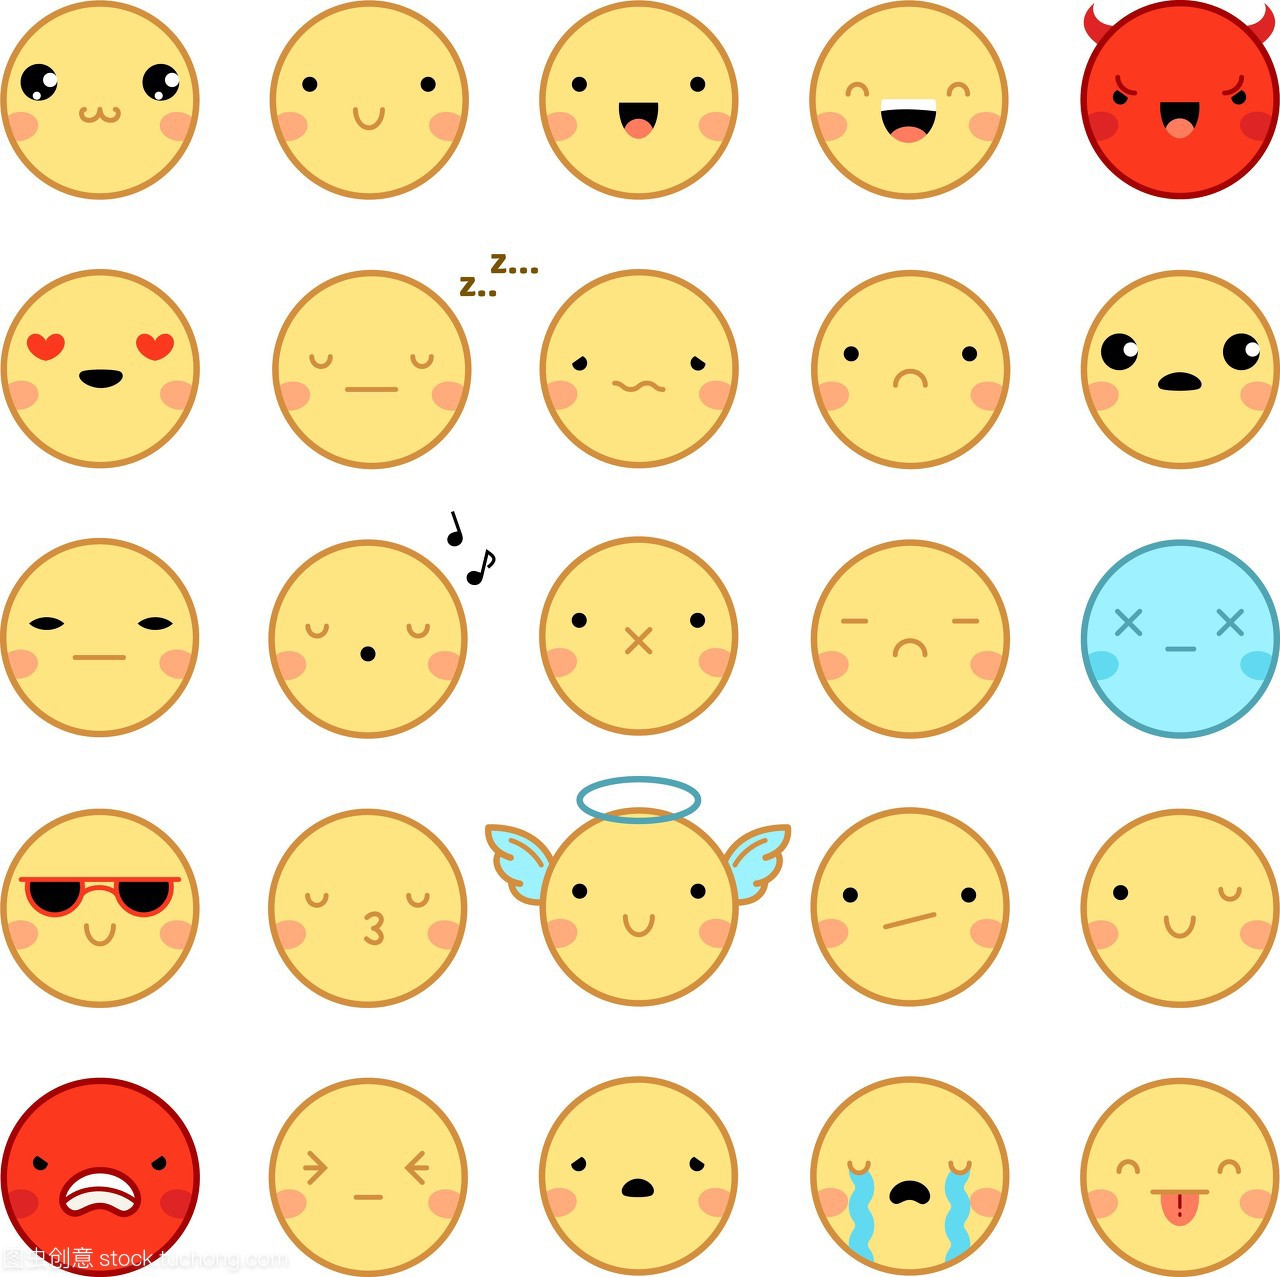 平面设计25个有趣的表情符号表情彩色,在白吗有版权包表情图片